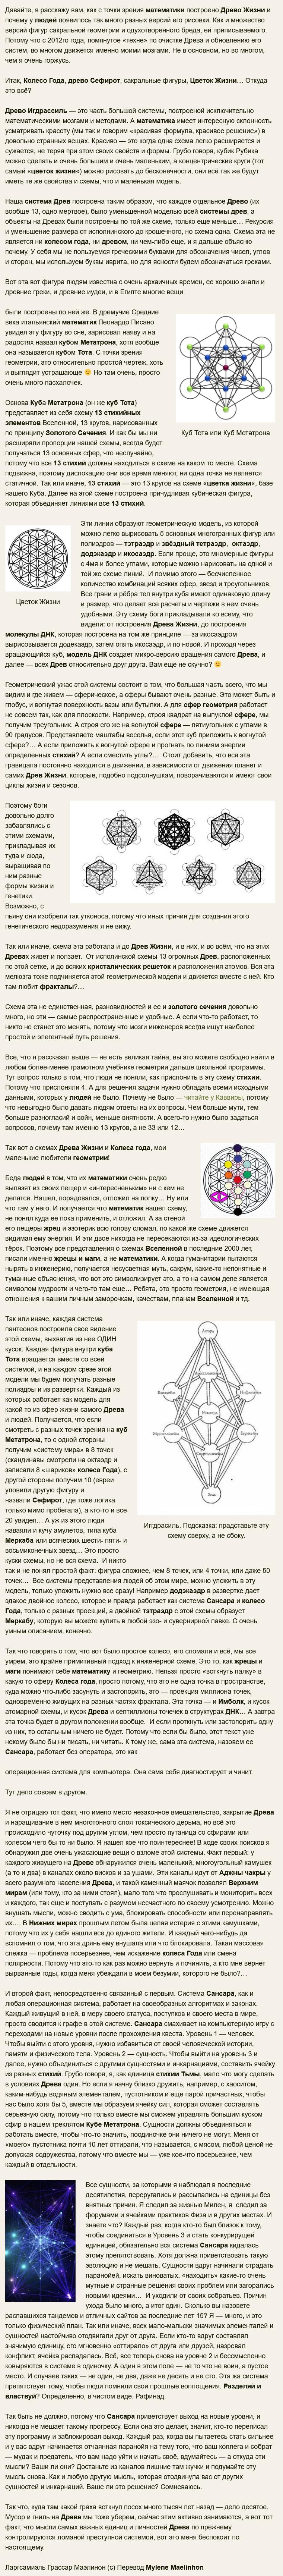 Геометрия Древа Жизни от демона Ларгсамиэля.png